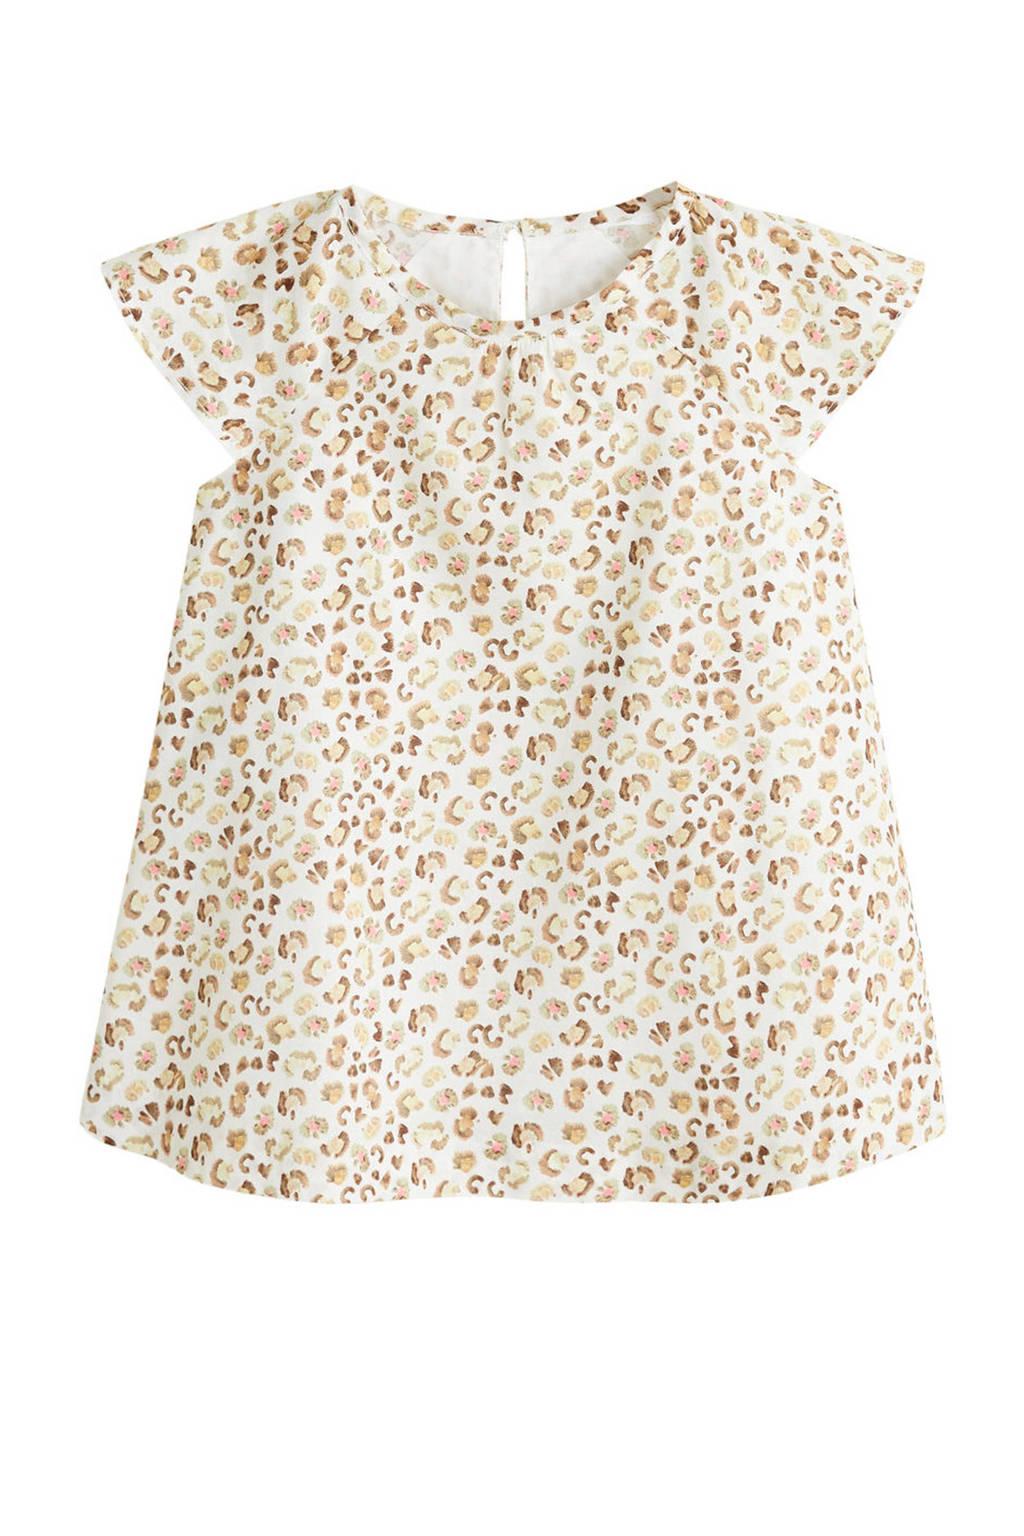 Mango Kids jurk met panterprint ecru, Ecru/beige